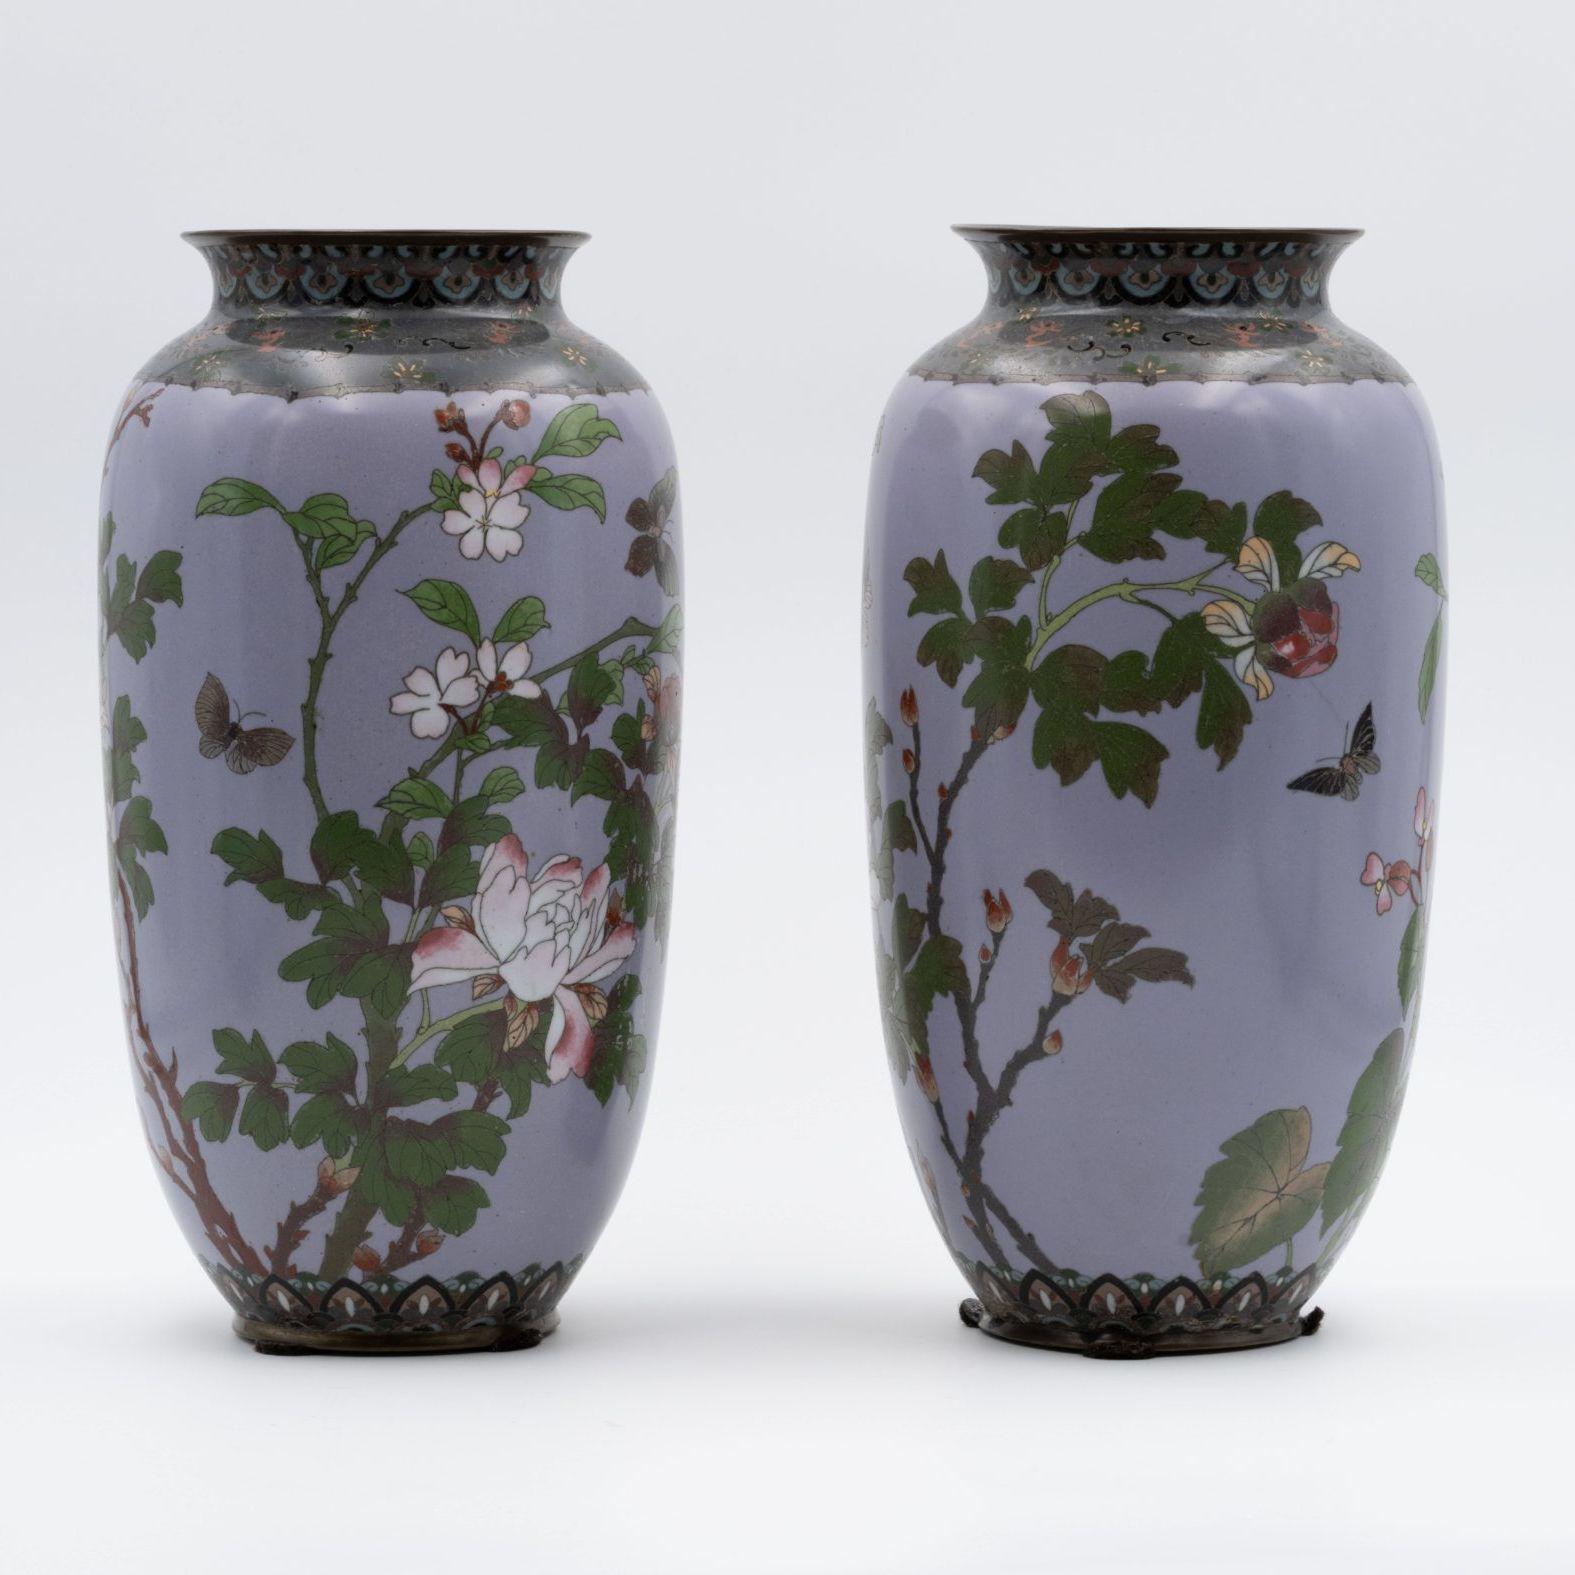 Paire de vases cloisonnés chinois, XIXe siècle